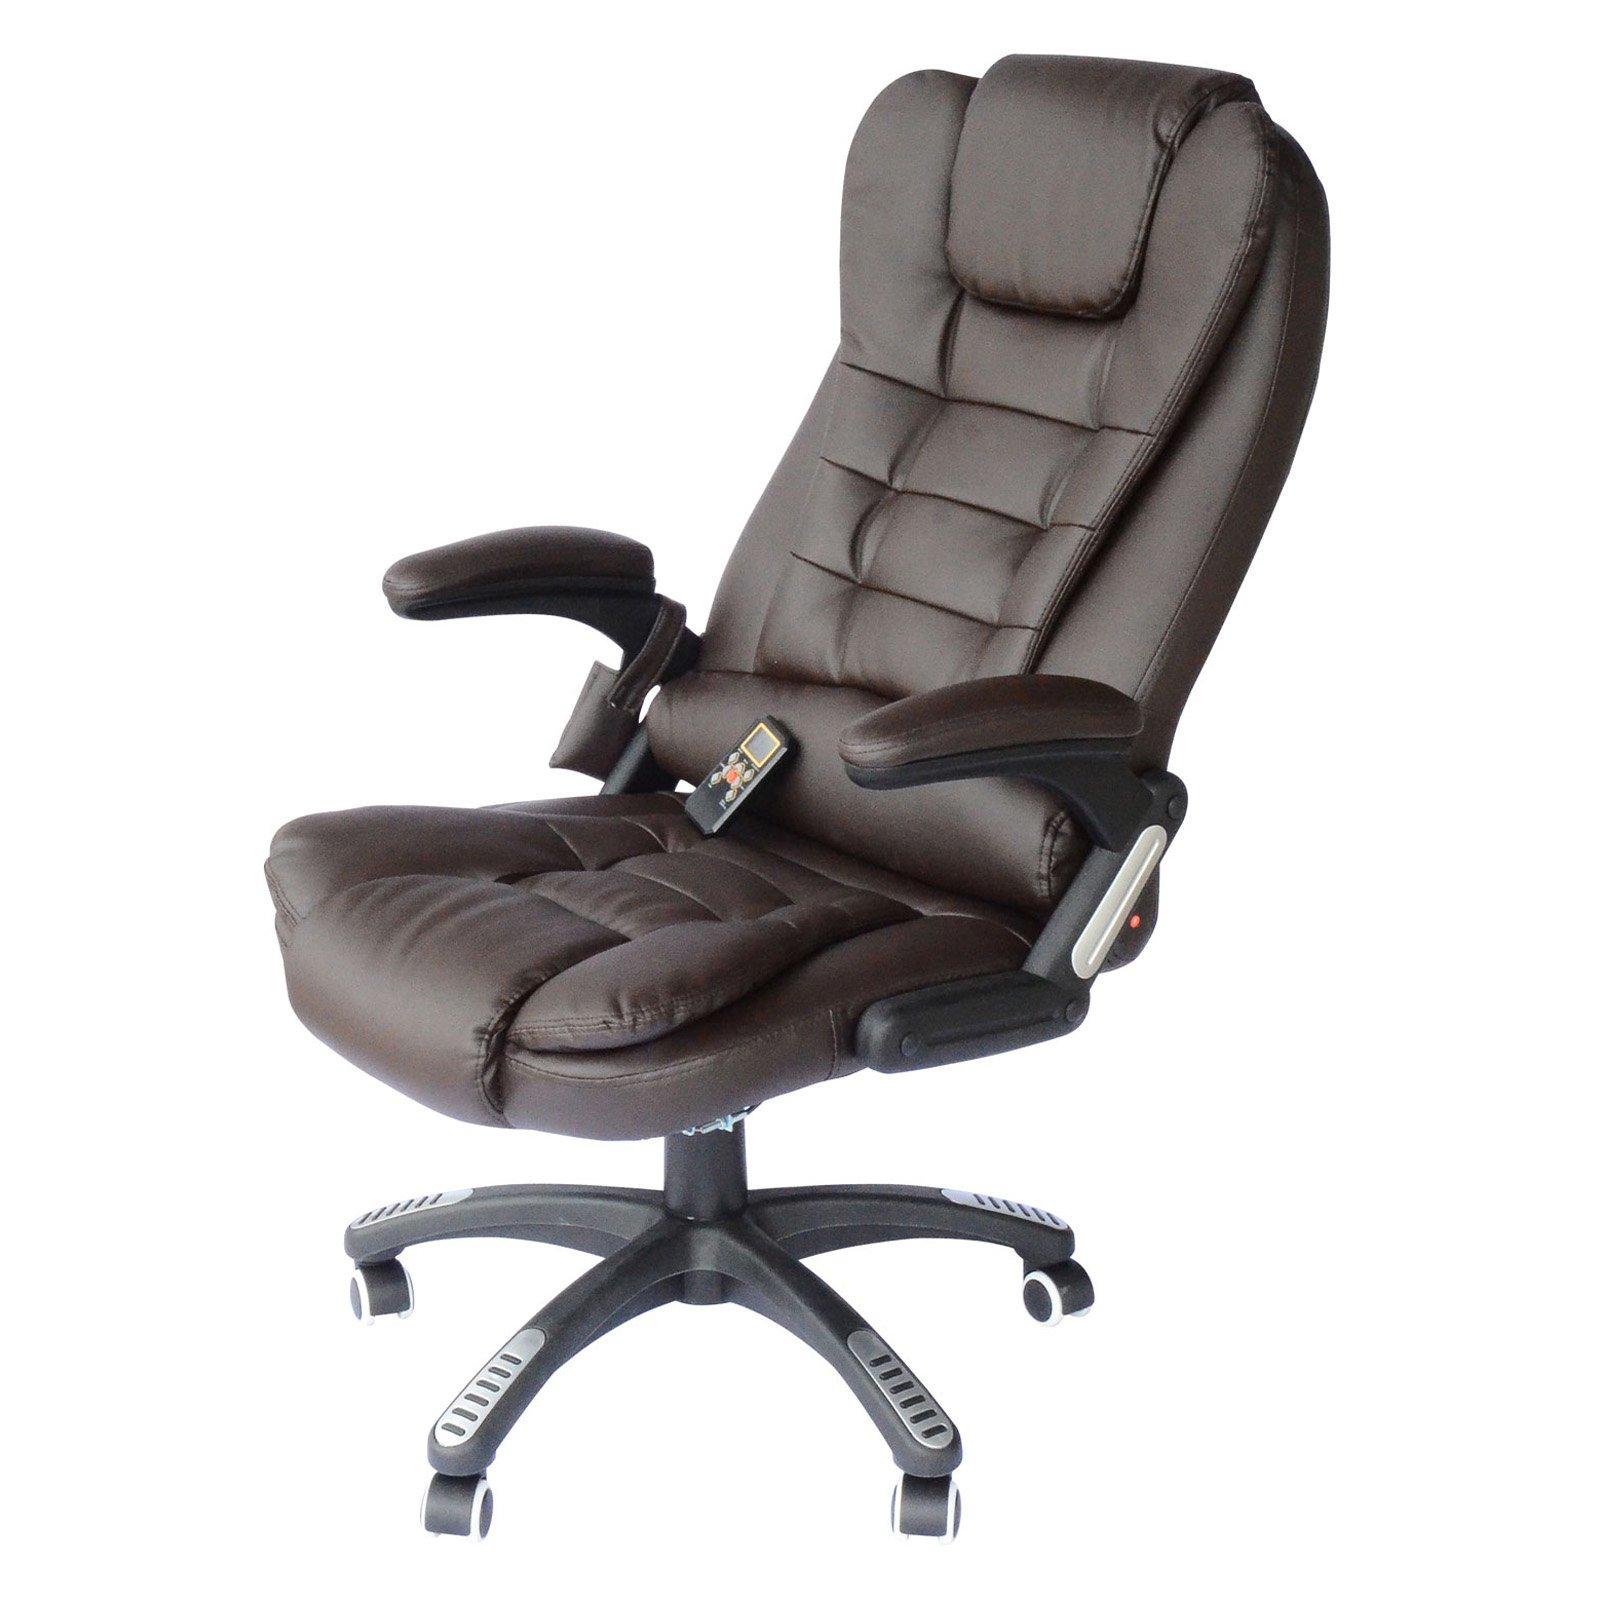 HomCom Executive Ergonomic PU Leather Heated Vibrating Massage